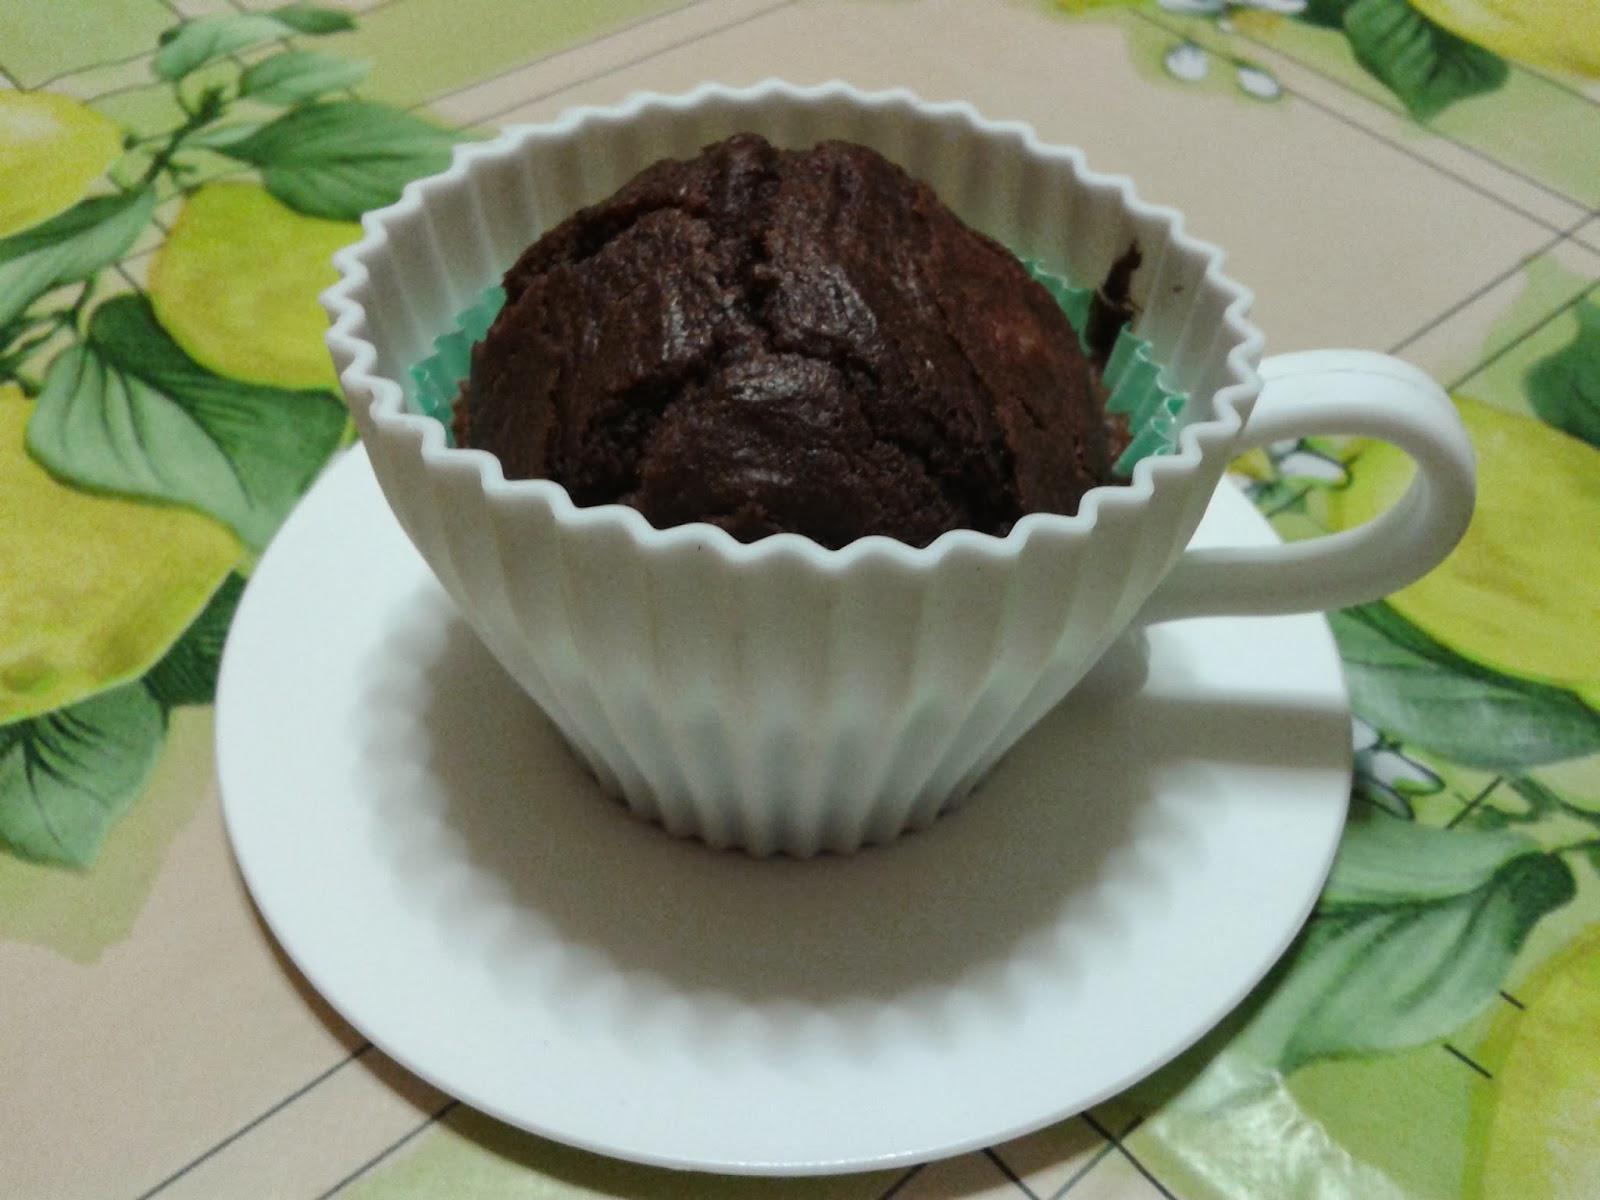 muffin al cacao (ricetta tratta da